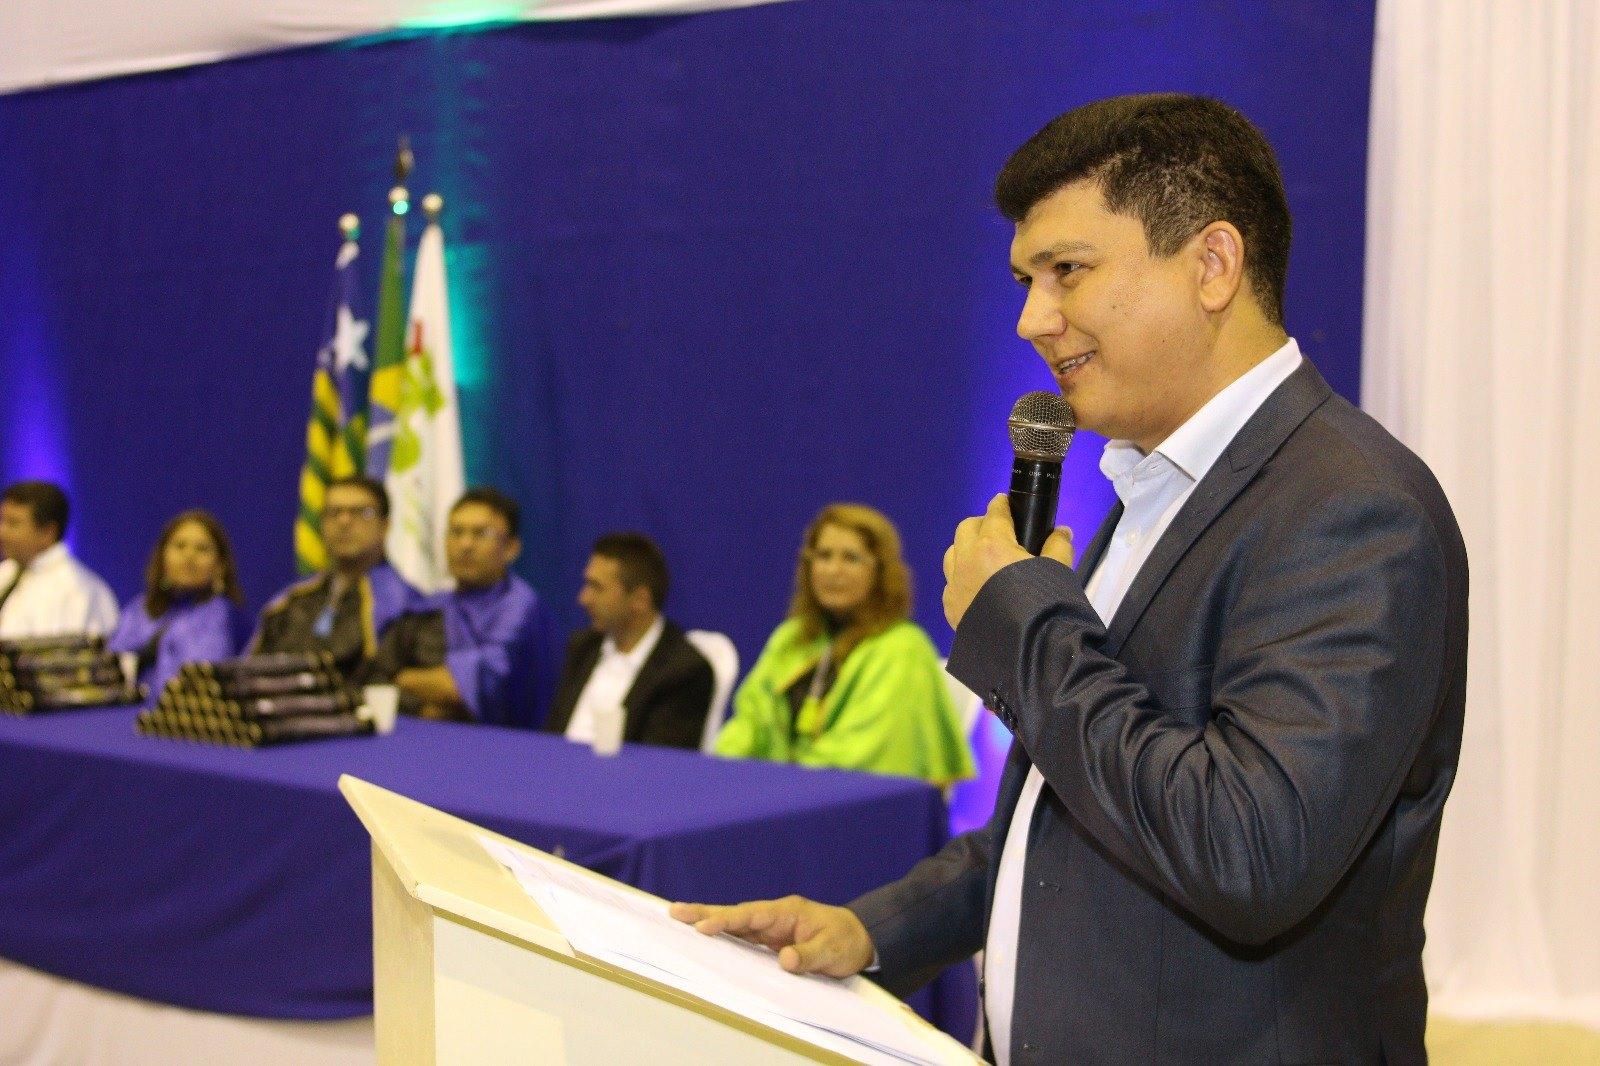 Rubens Vieira